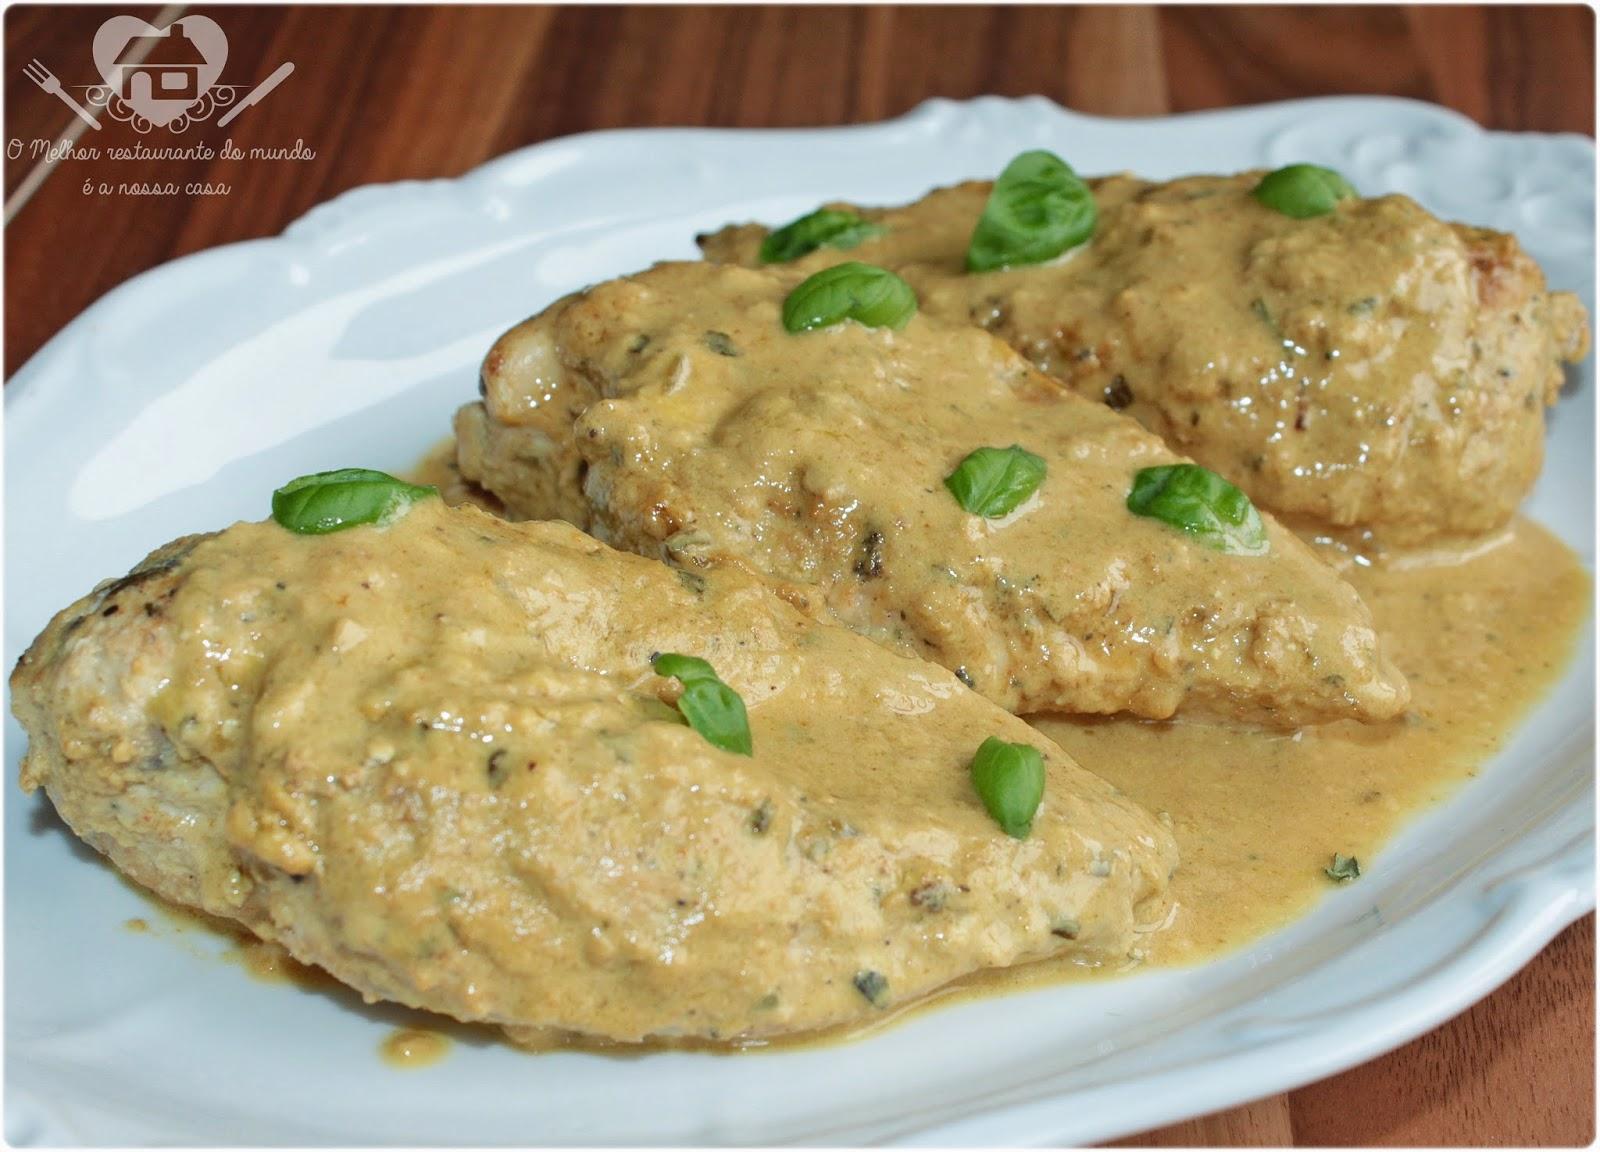 files de peito de frango cremos ao molho de mostarda dijon com vinho branco e cream cheese